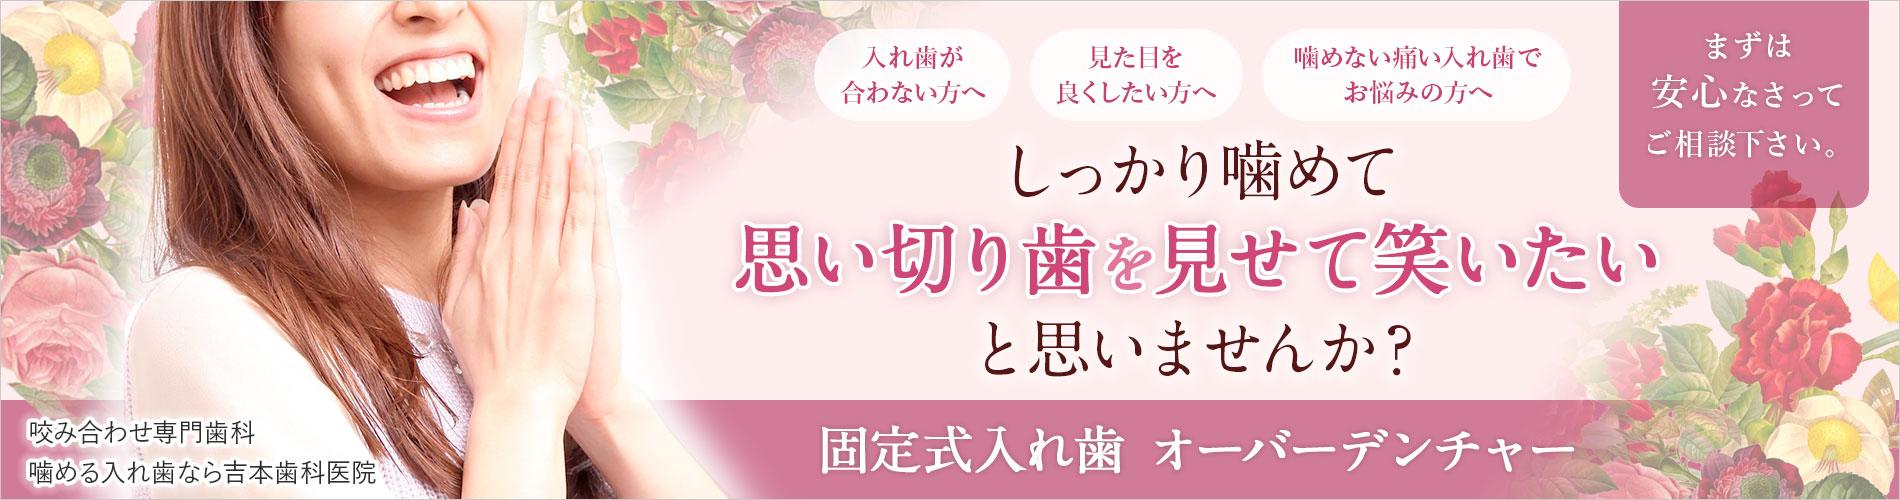 入れ歯専門歯科|合わない痛い噛めない入れ歯でお悩みなら香川県の吉本歯科医院